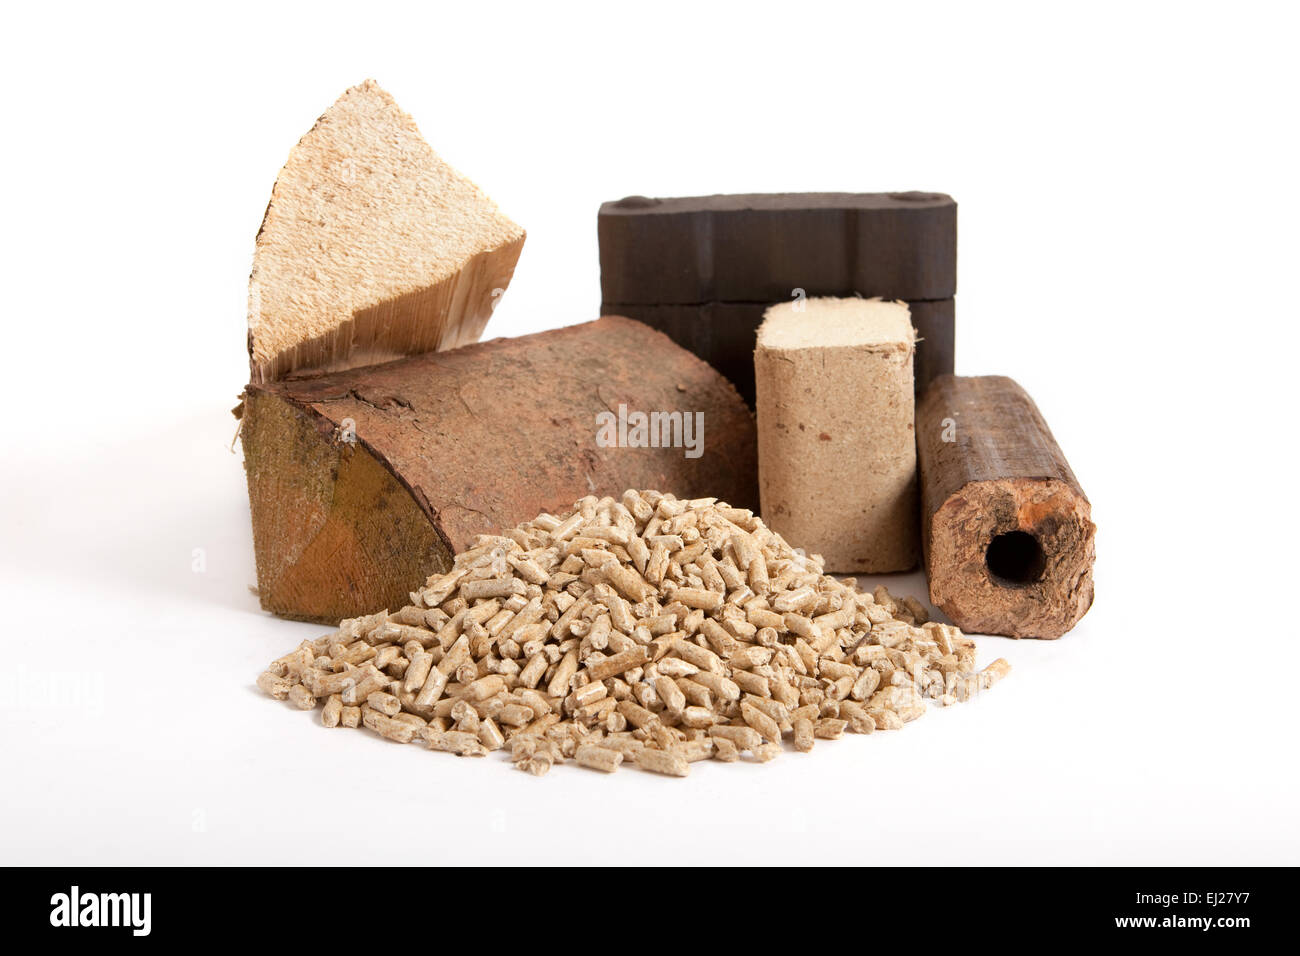 Collection de combustibles fossiles sur fond blanc, isolé, bois de chauffage, charbon, briquettes et granulés Photo Stock